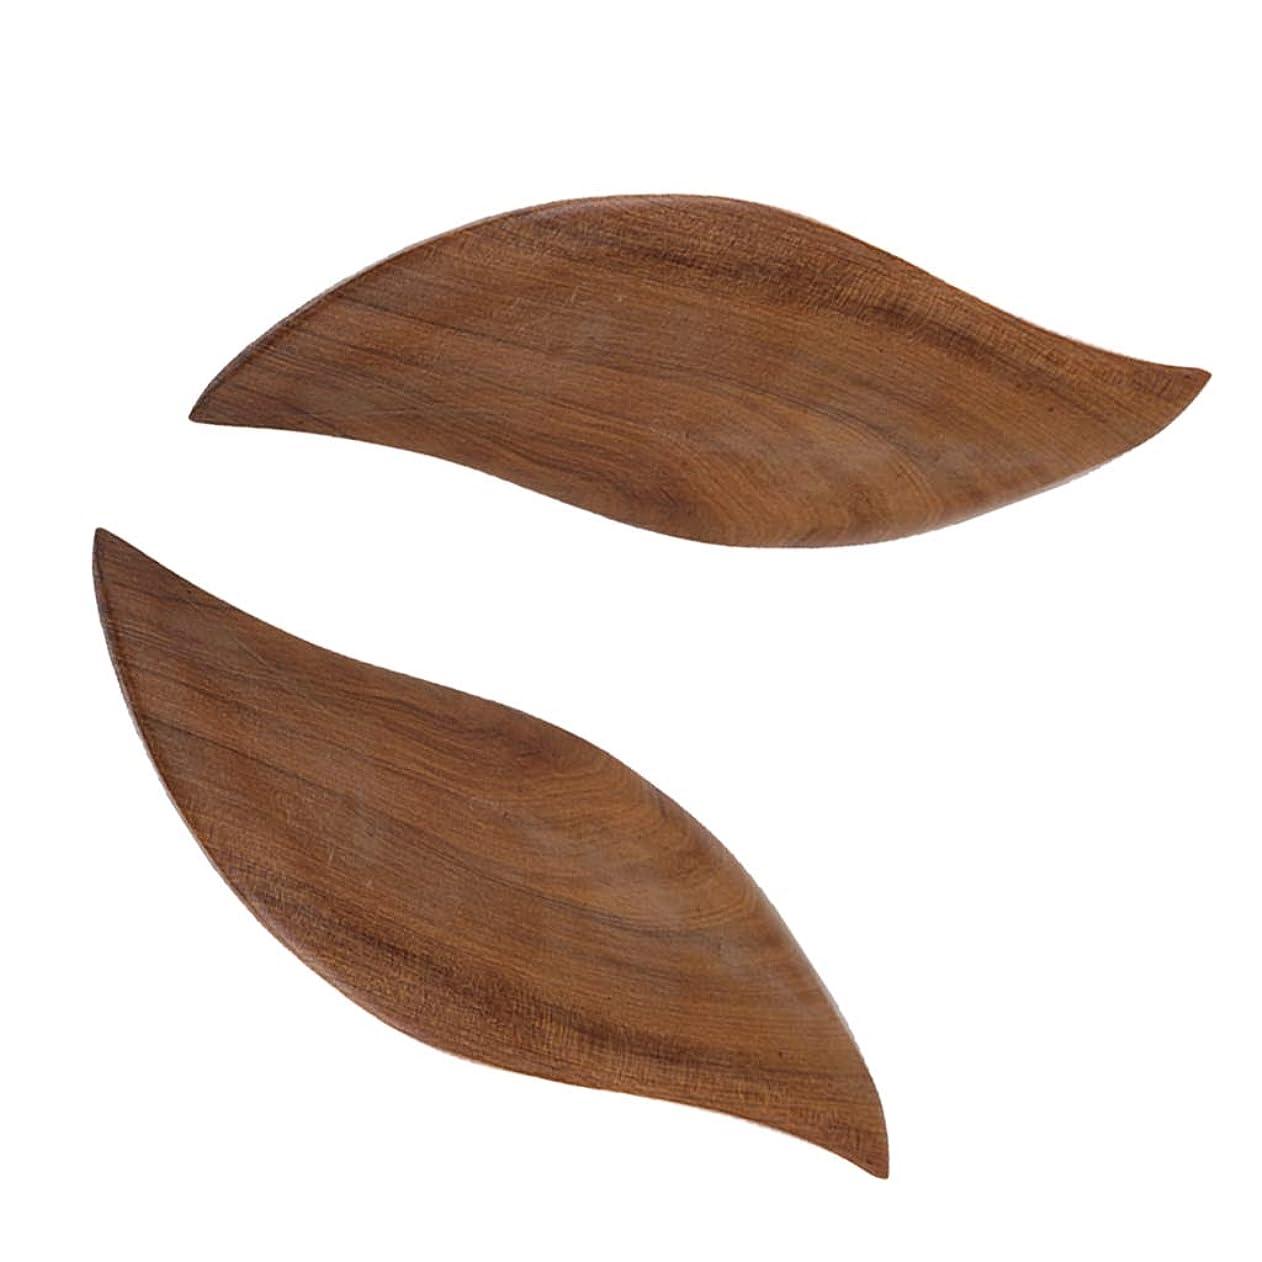 プレビュー話すトラブルFLAMEER 2枚 かっさプレート 木製 ボード ボディーケア マッサージ マッサージャー